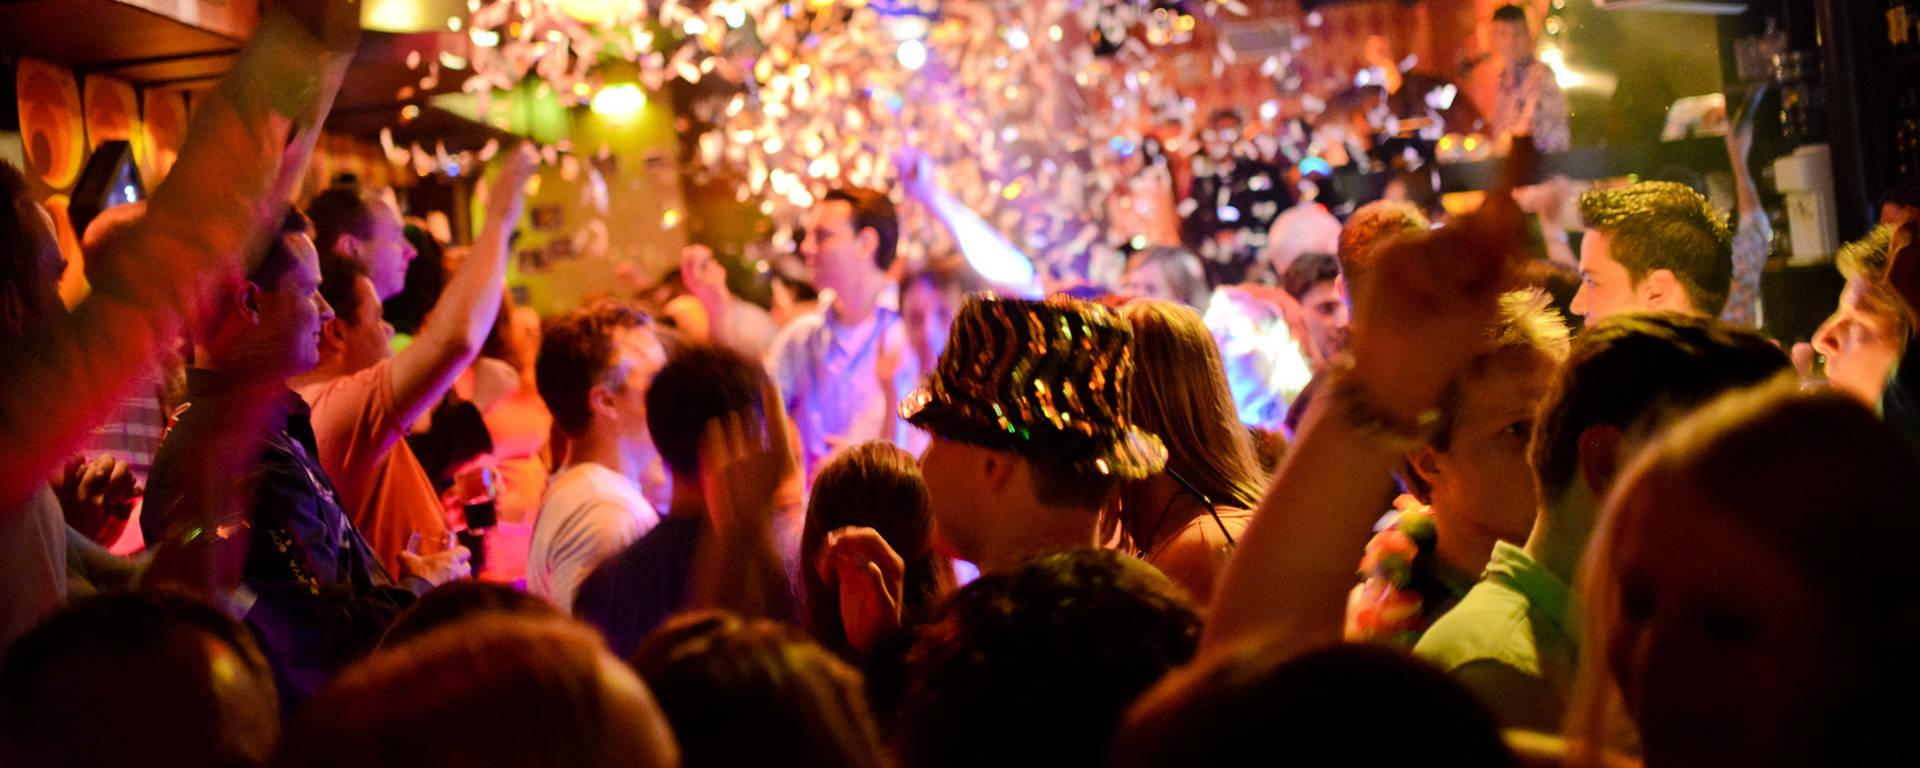 Feestlocatie: feesten en partijen bij Zalencentrum Meursinge